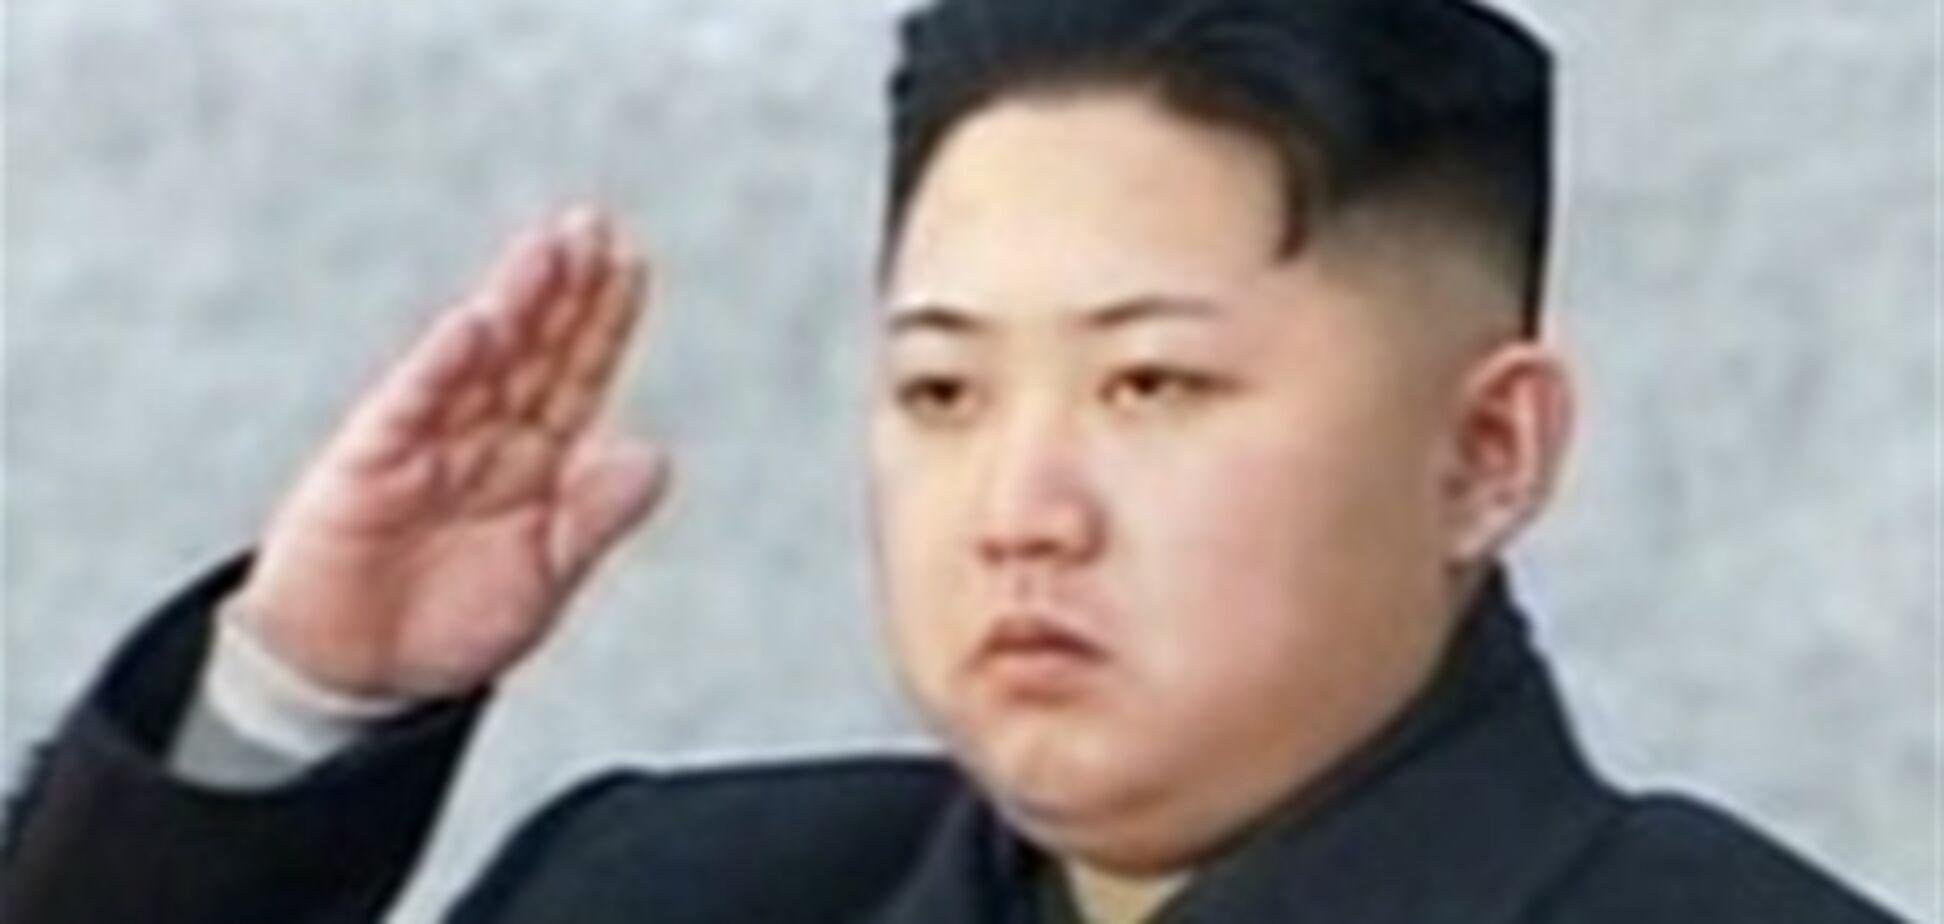 У Північній Кореї оголошена амністія ув'язненим